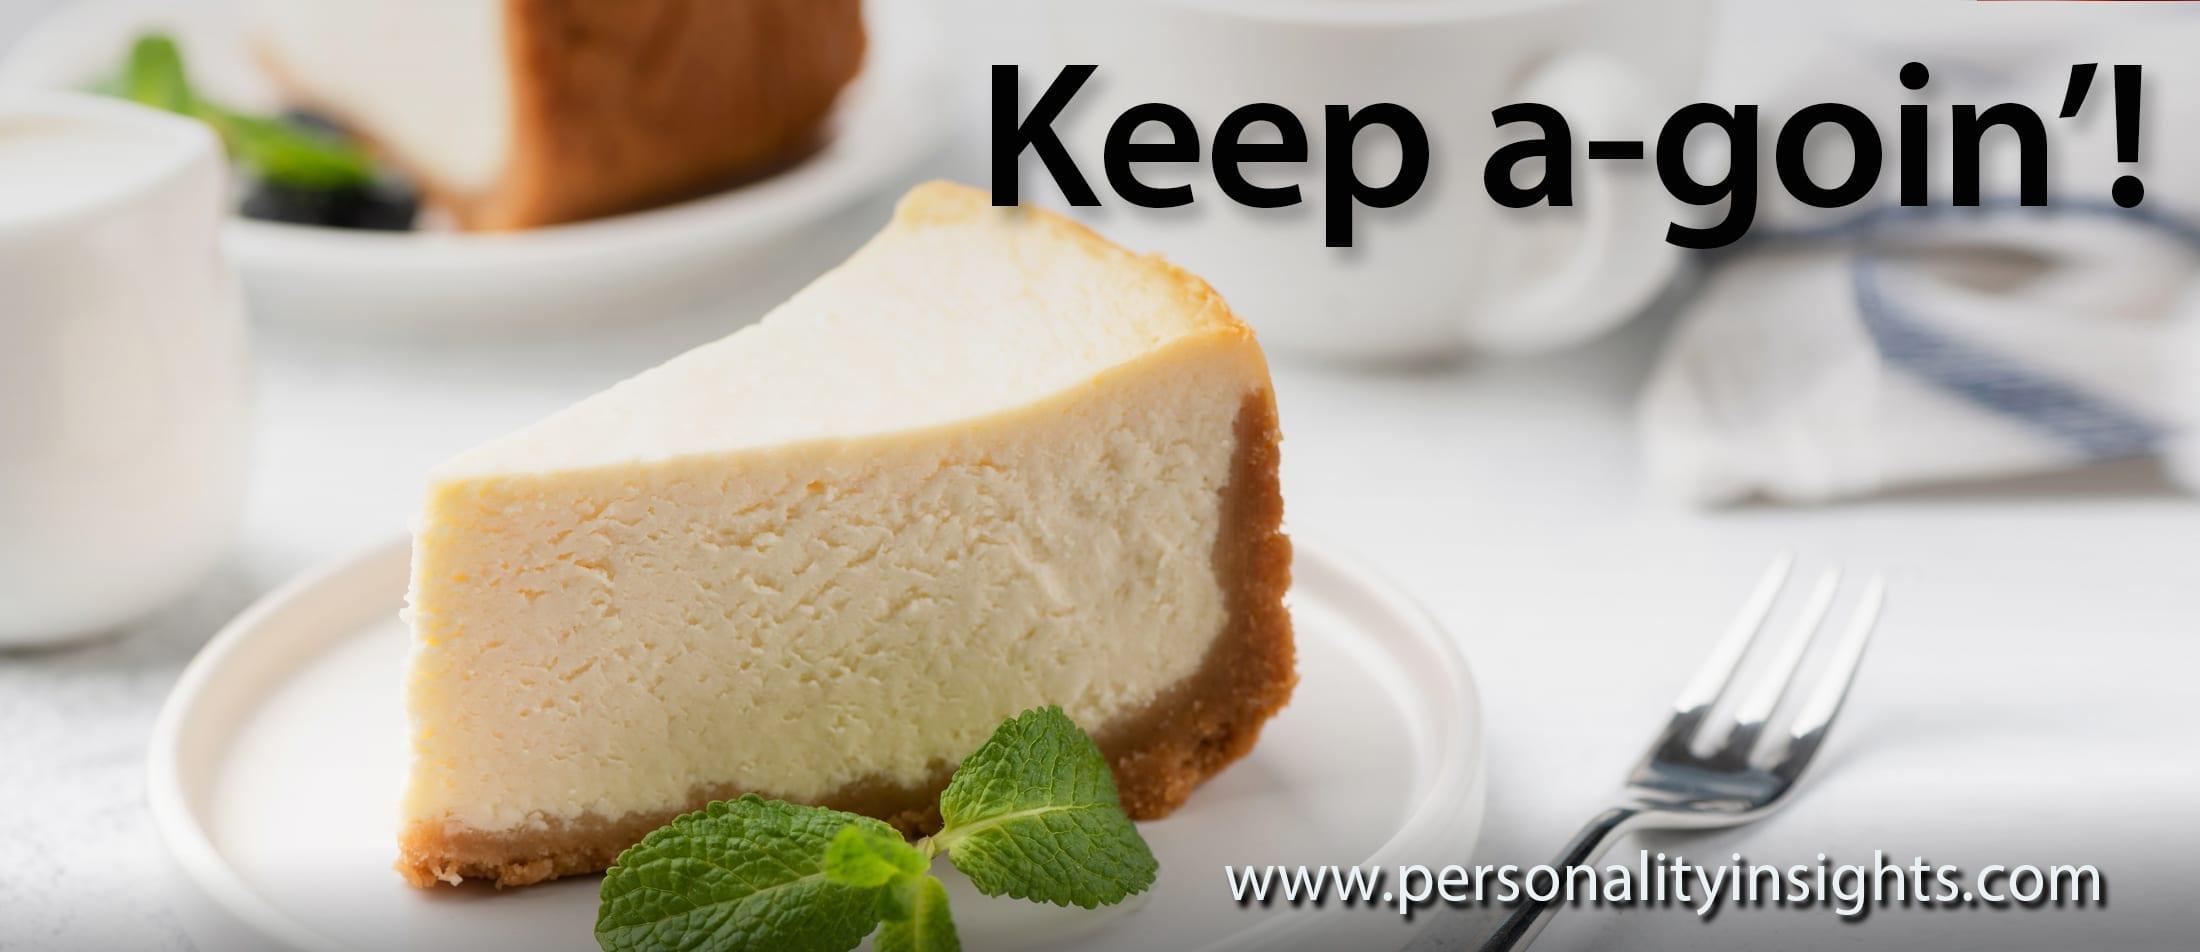 Tip: Keep a-goin'!